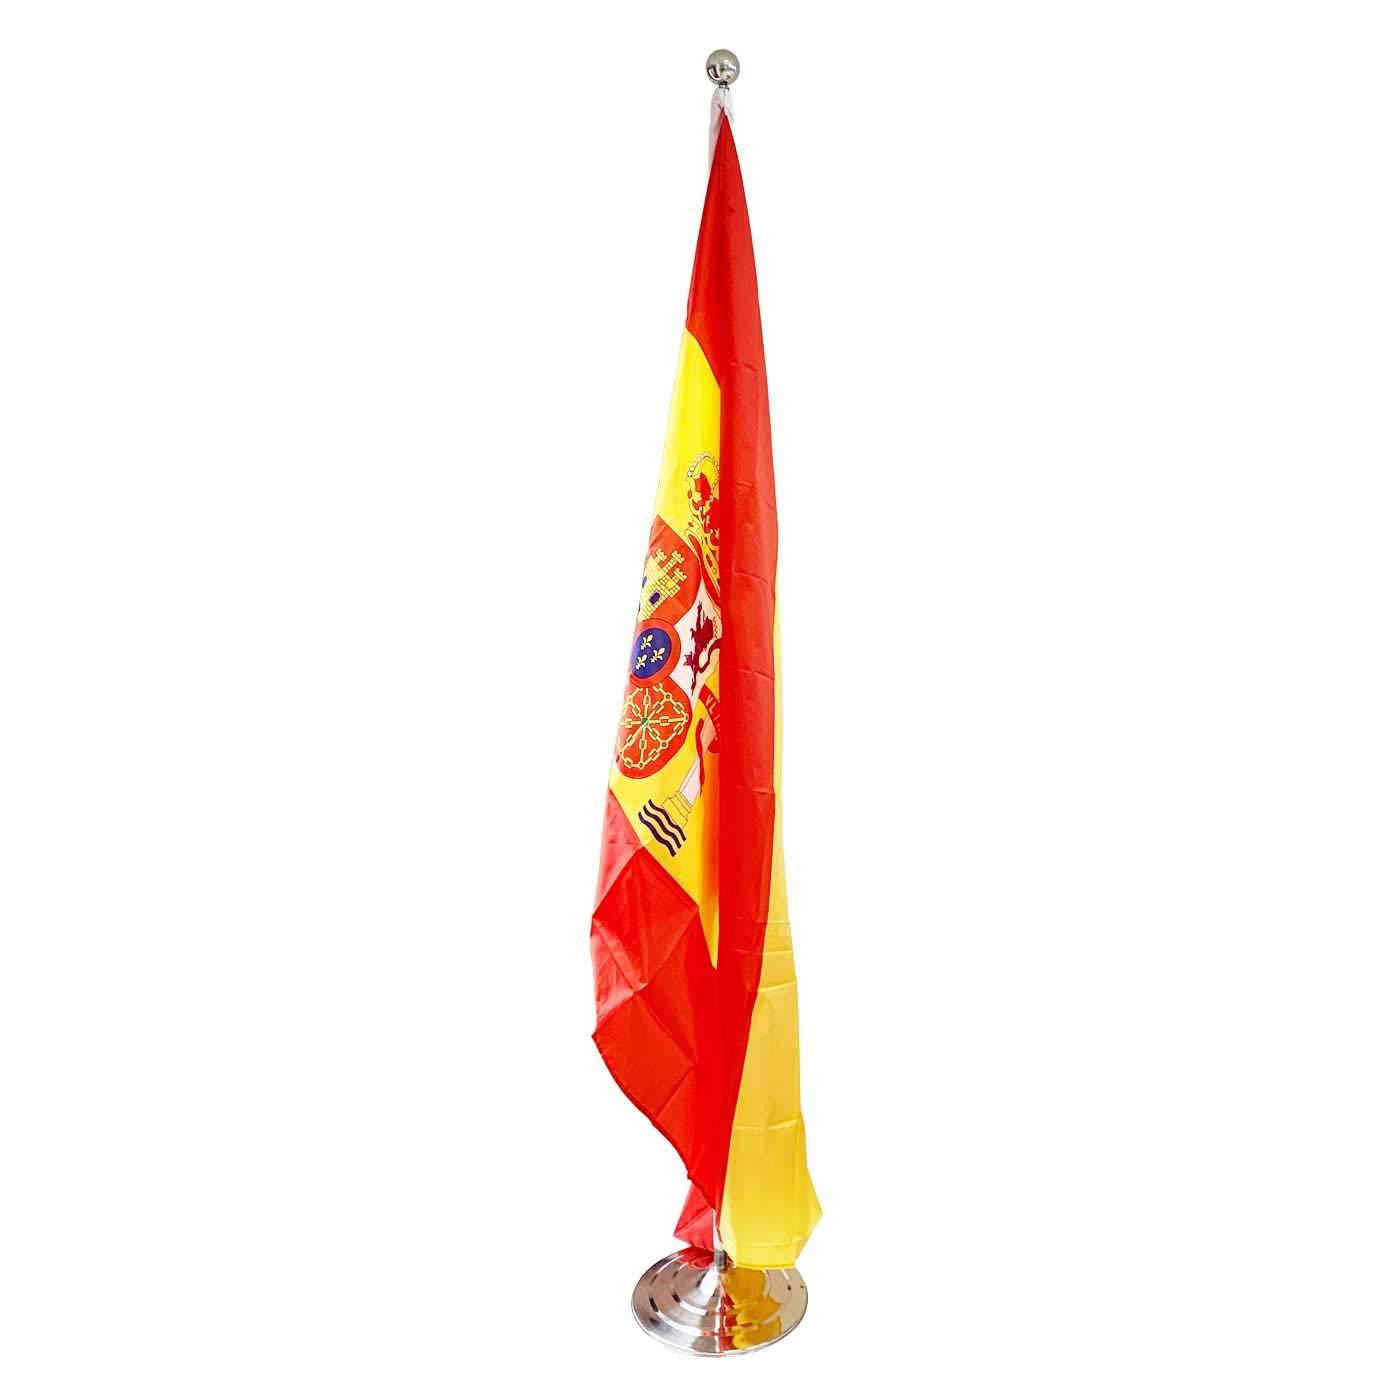 Acan Base de Bandera con Palo 200 cm más Bandera de España 120 x 180 cm: Amazon.es: Hogar